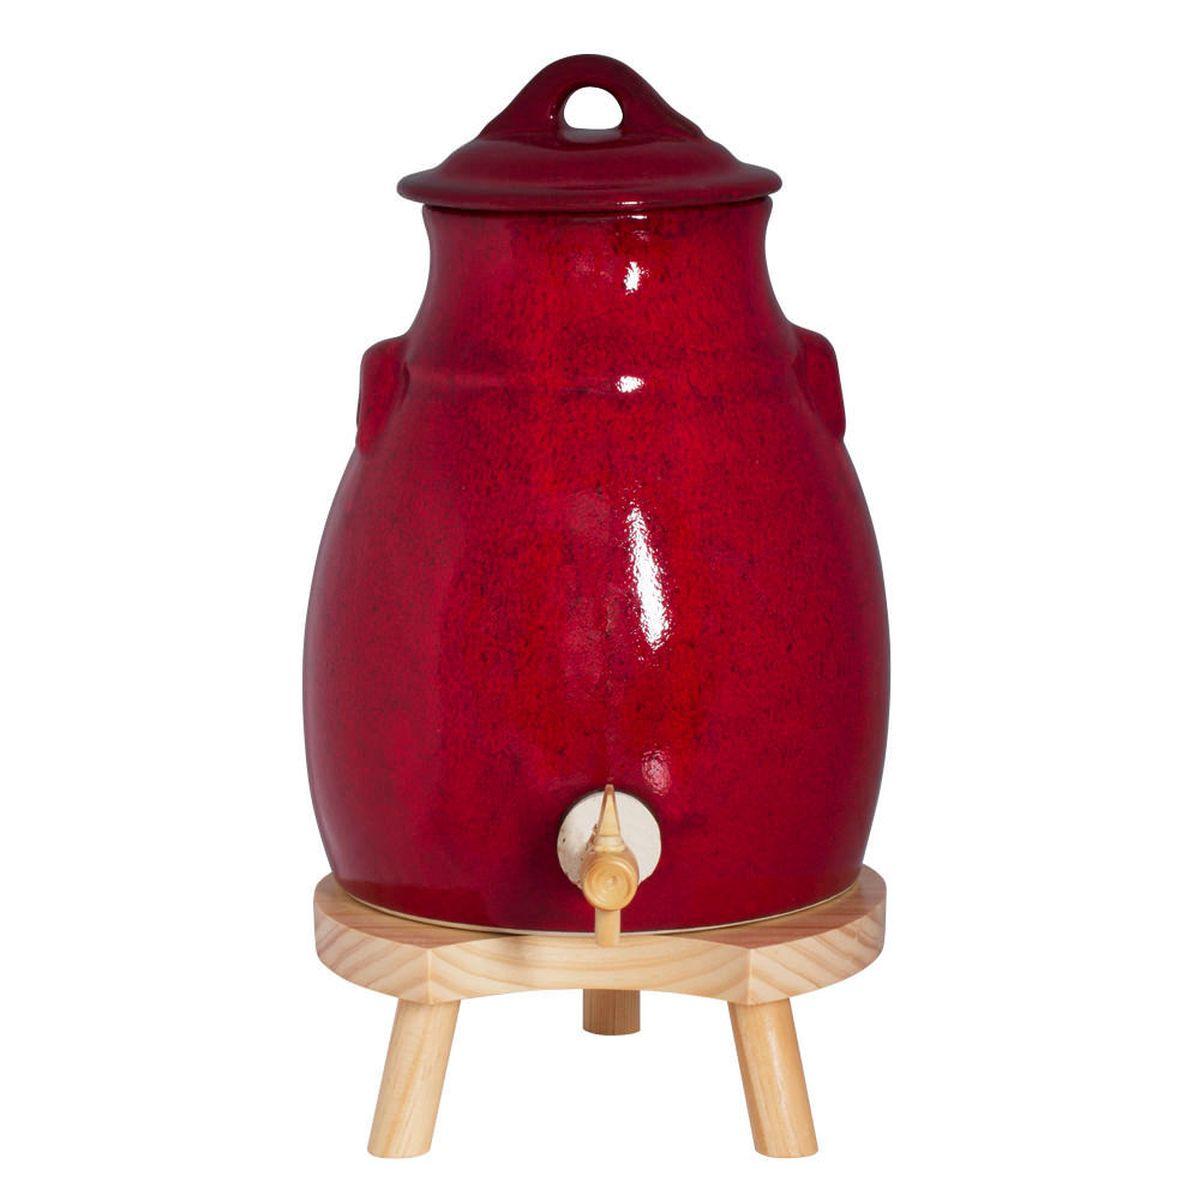 Vinaigrier rouge en grés 3,5 L avec socle en bois - Table passion